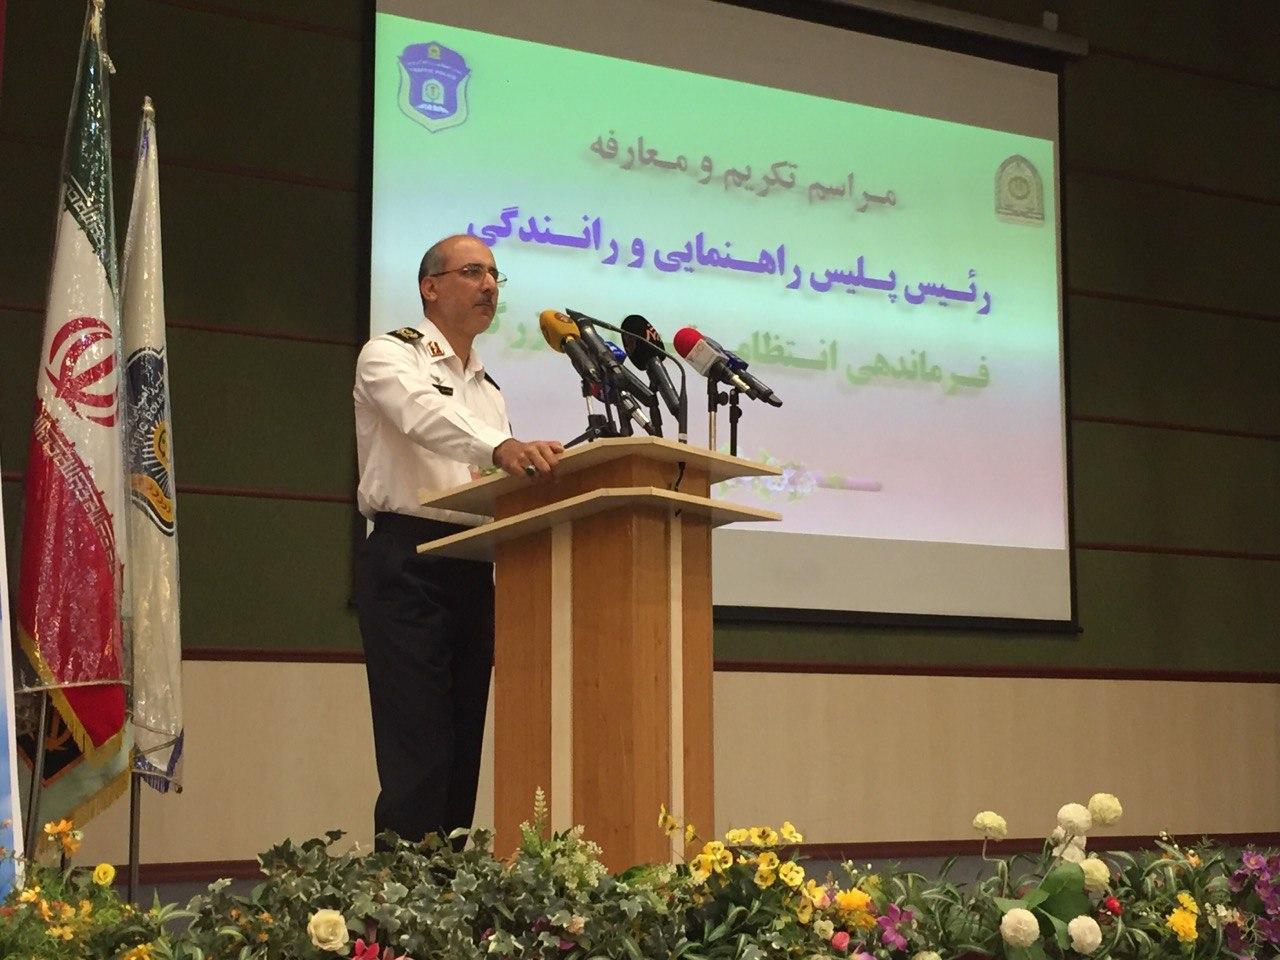 رئیس پلیس راهور تهران منصوب شد (+عکس)